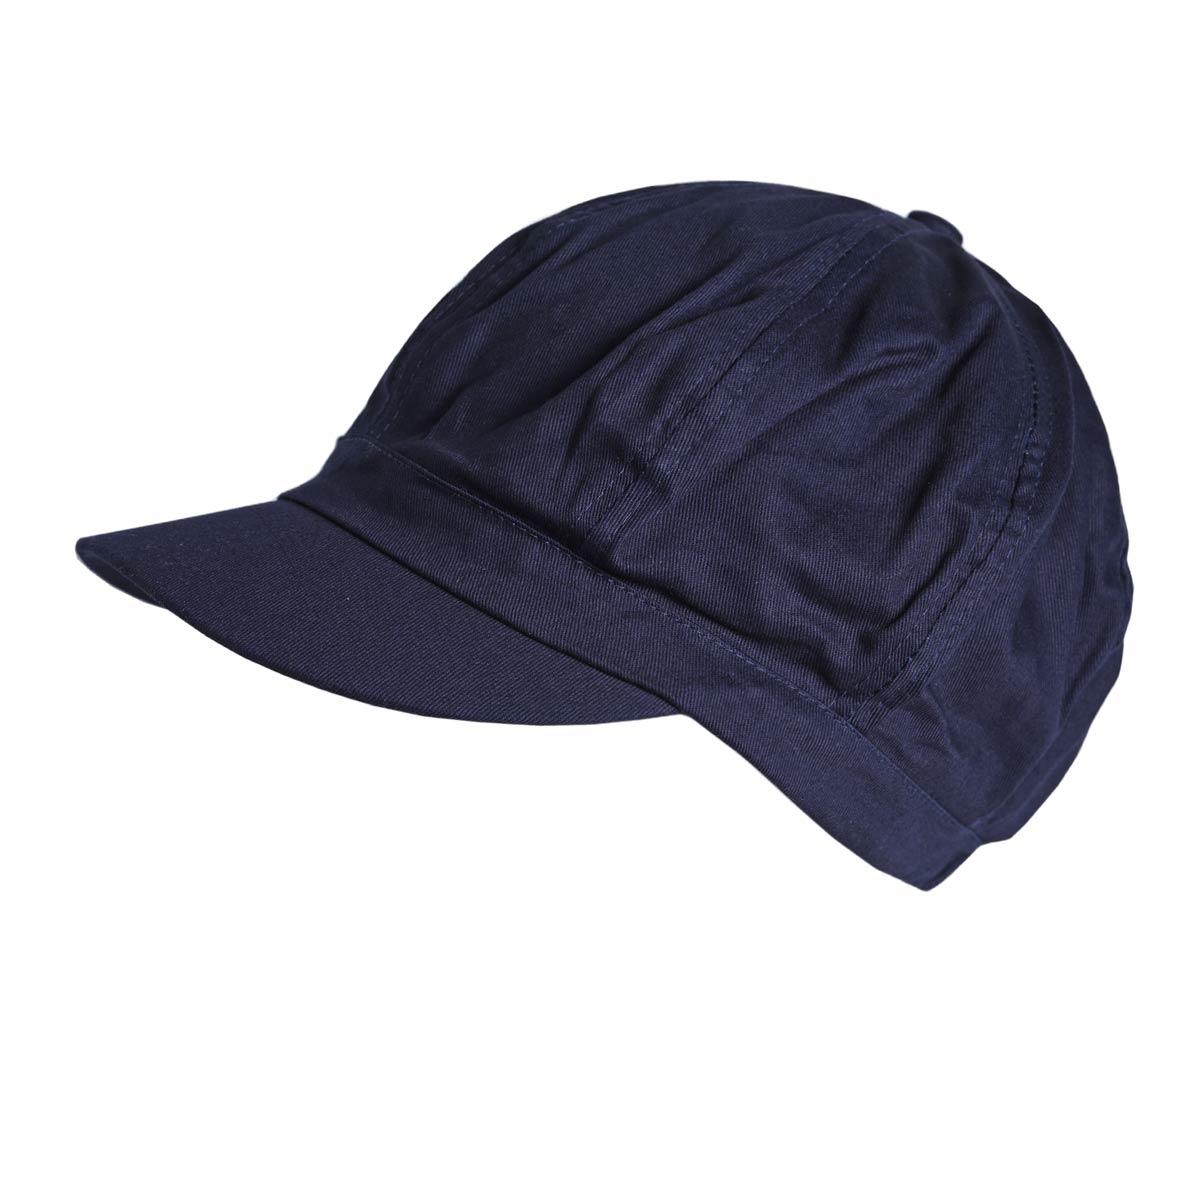 CP-01589_F12-1--_Casquette-femme-estivale-bleu-marine